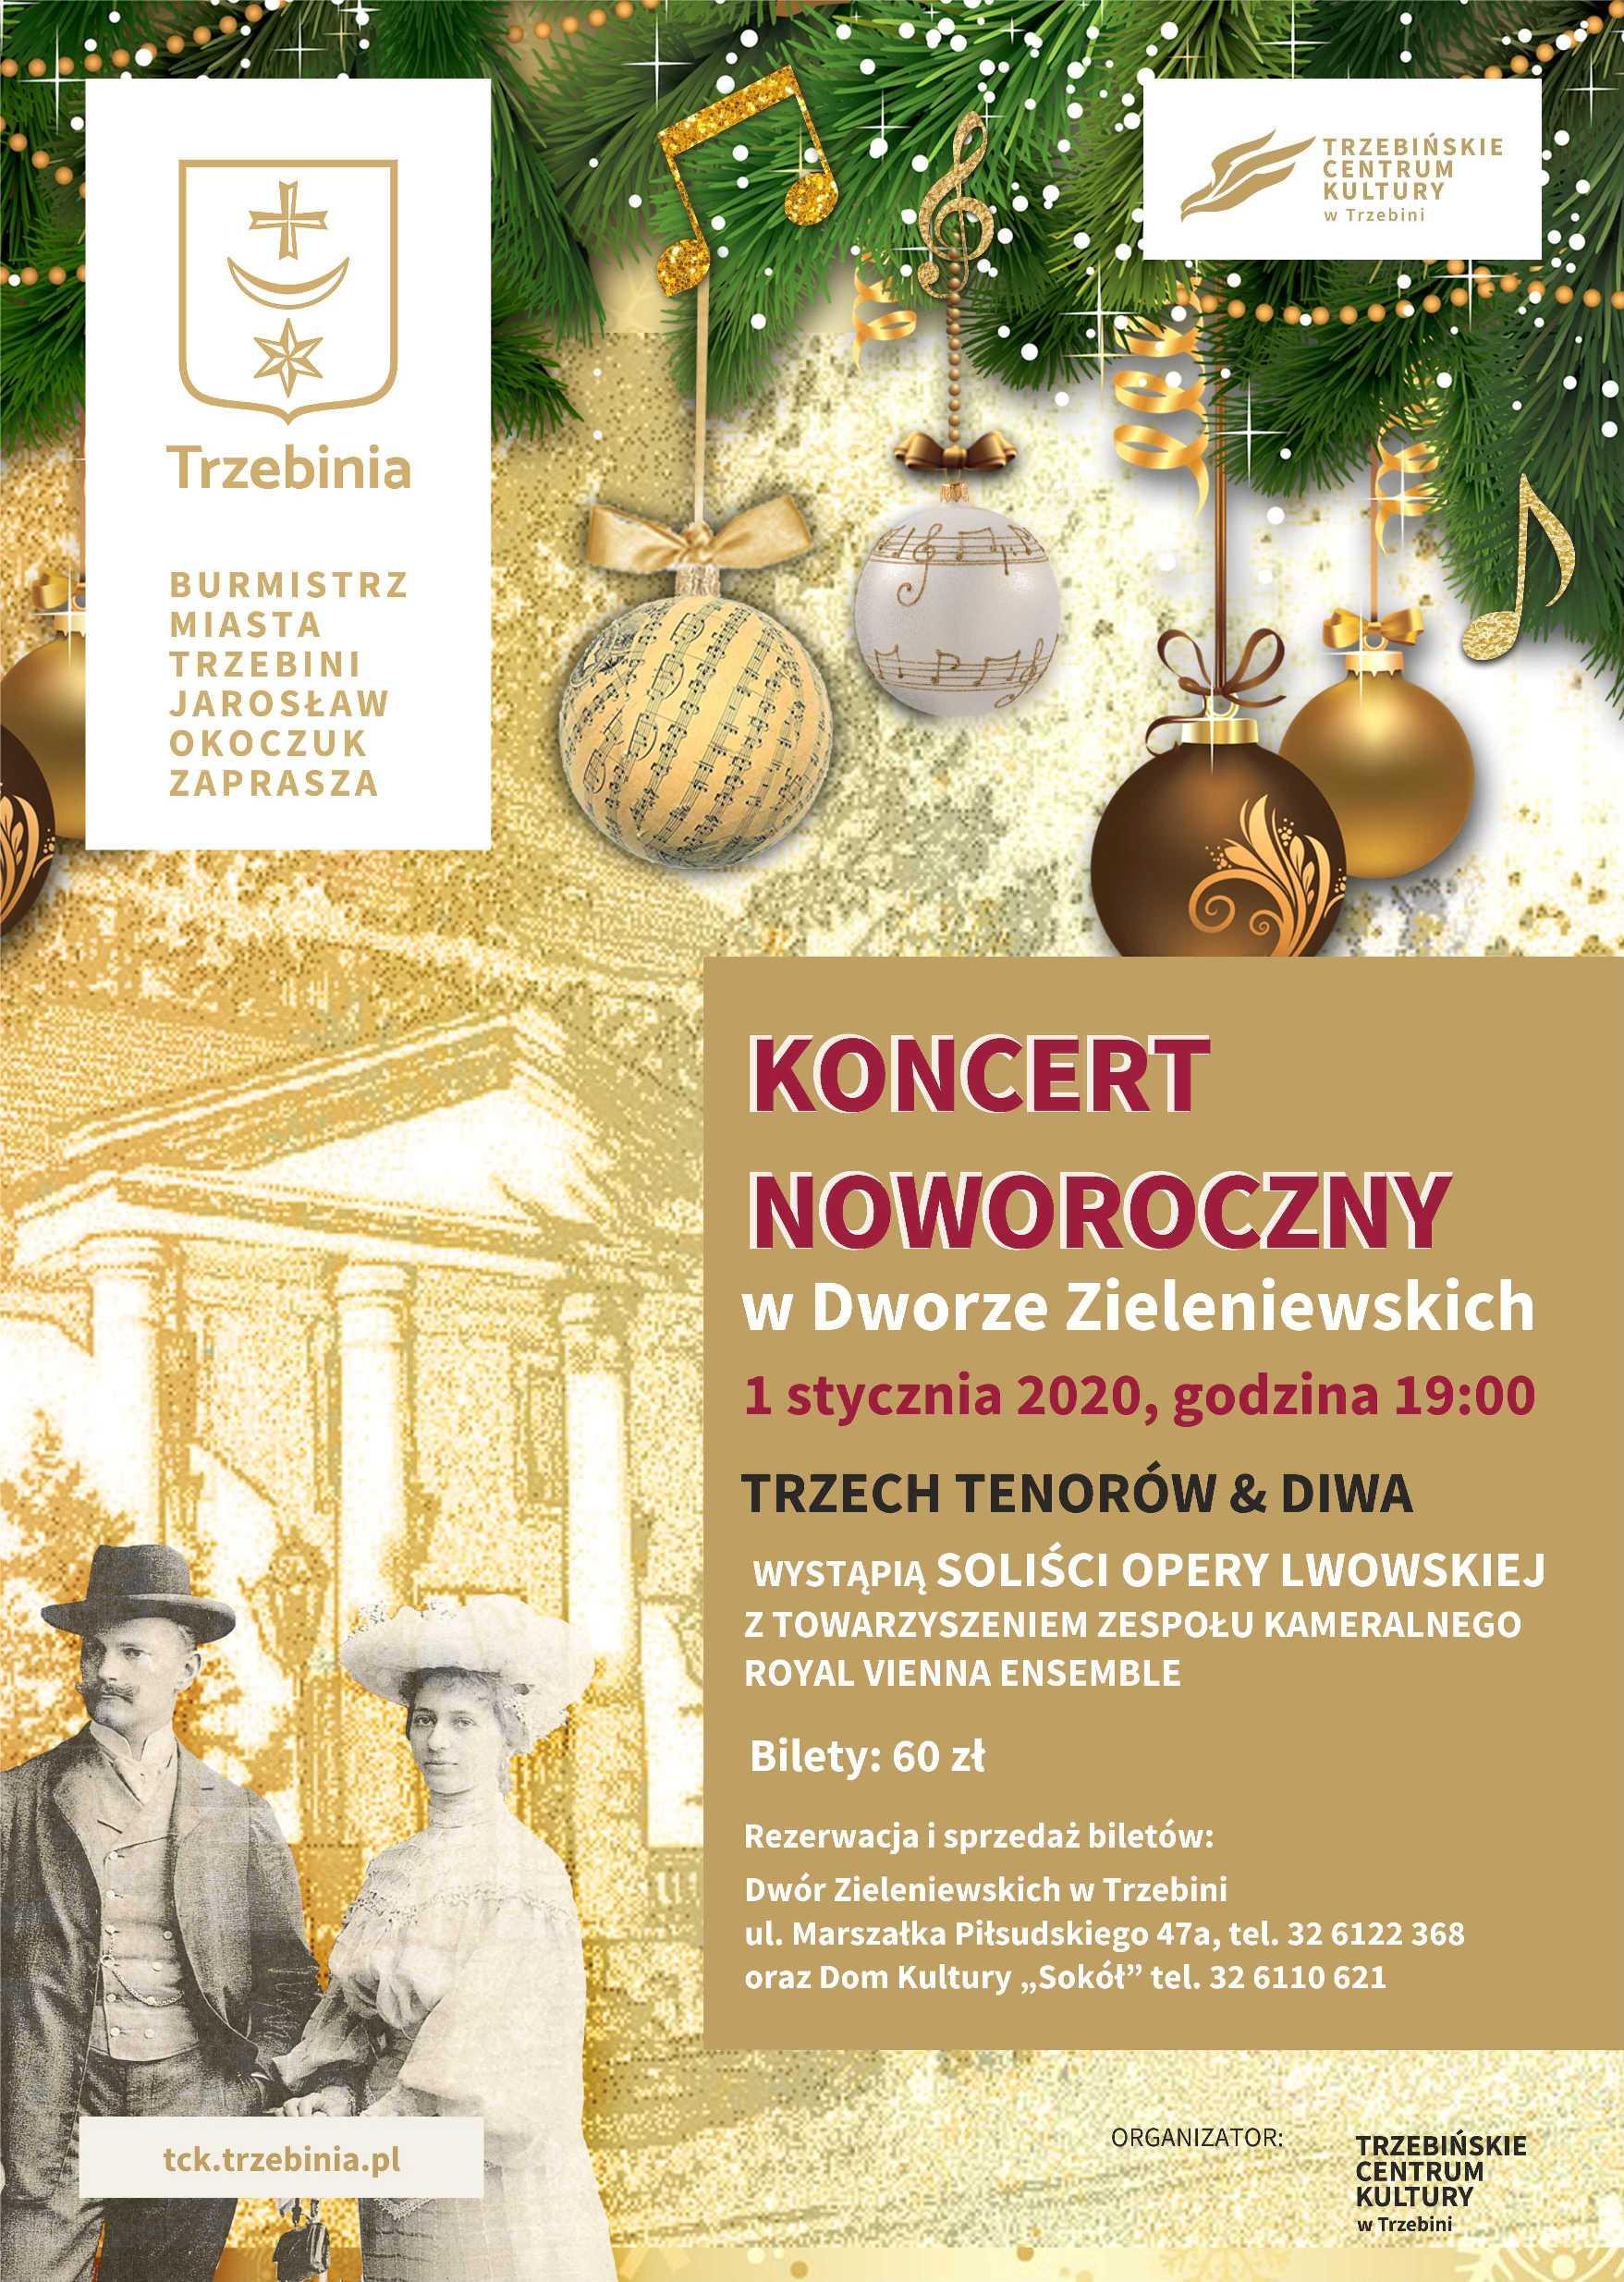 Koncert Noworoczny 2020 w Dworze Zieleniewskich